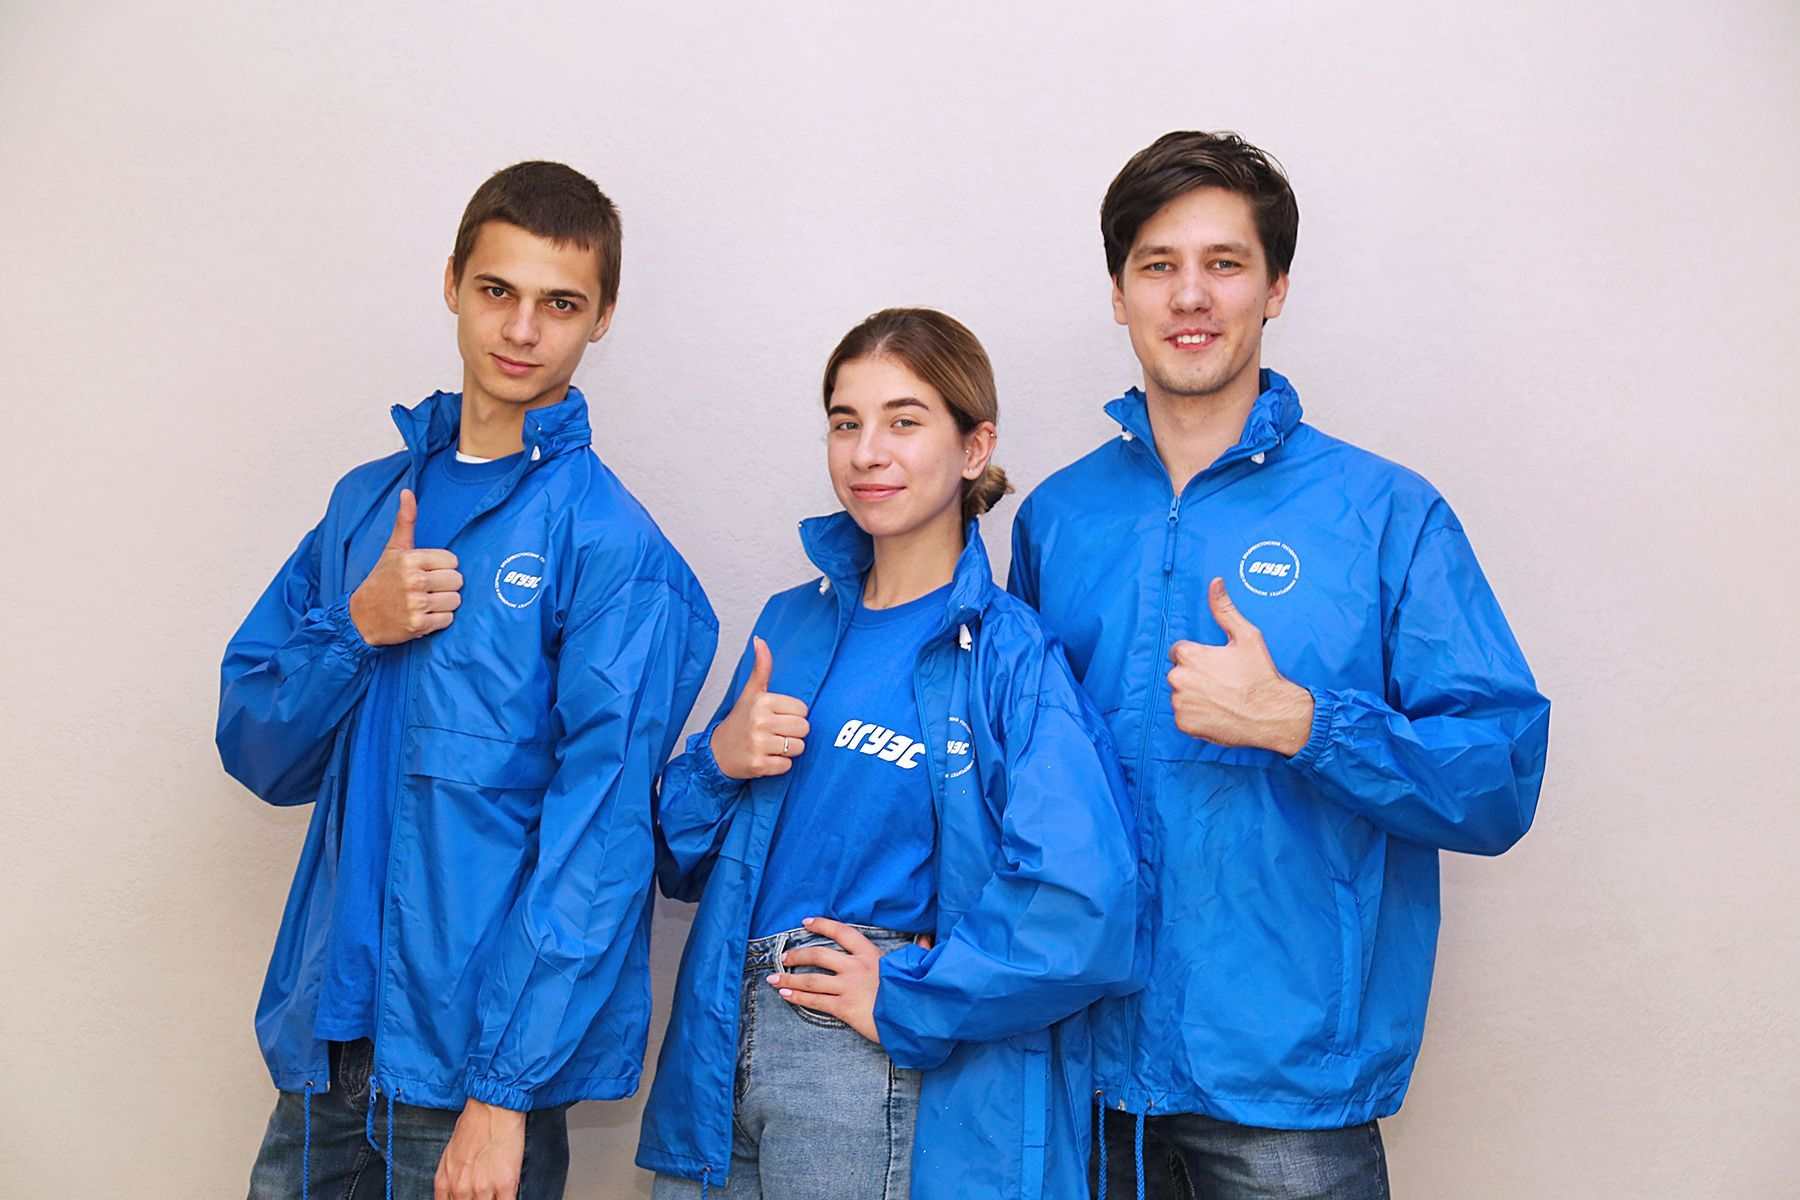 «Цифровой прорыв»: студенческие команды ВГУЭС в финале Всероссийского конкурса IT-специалистов